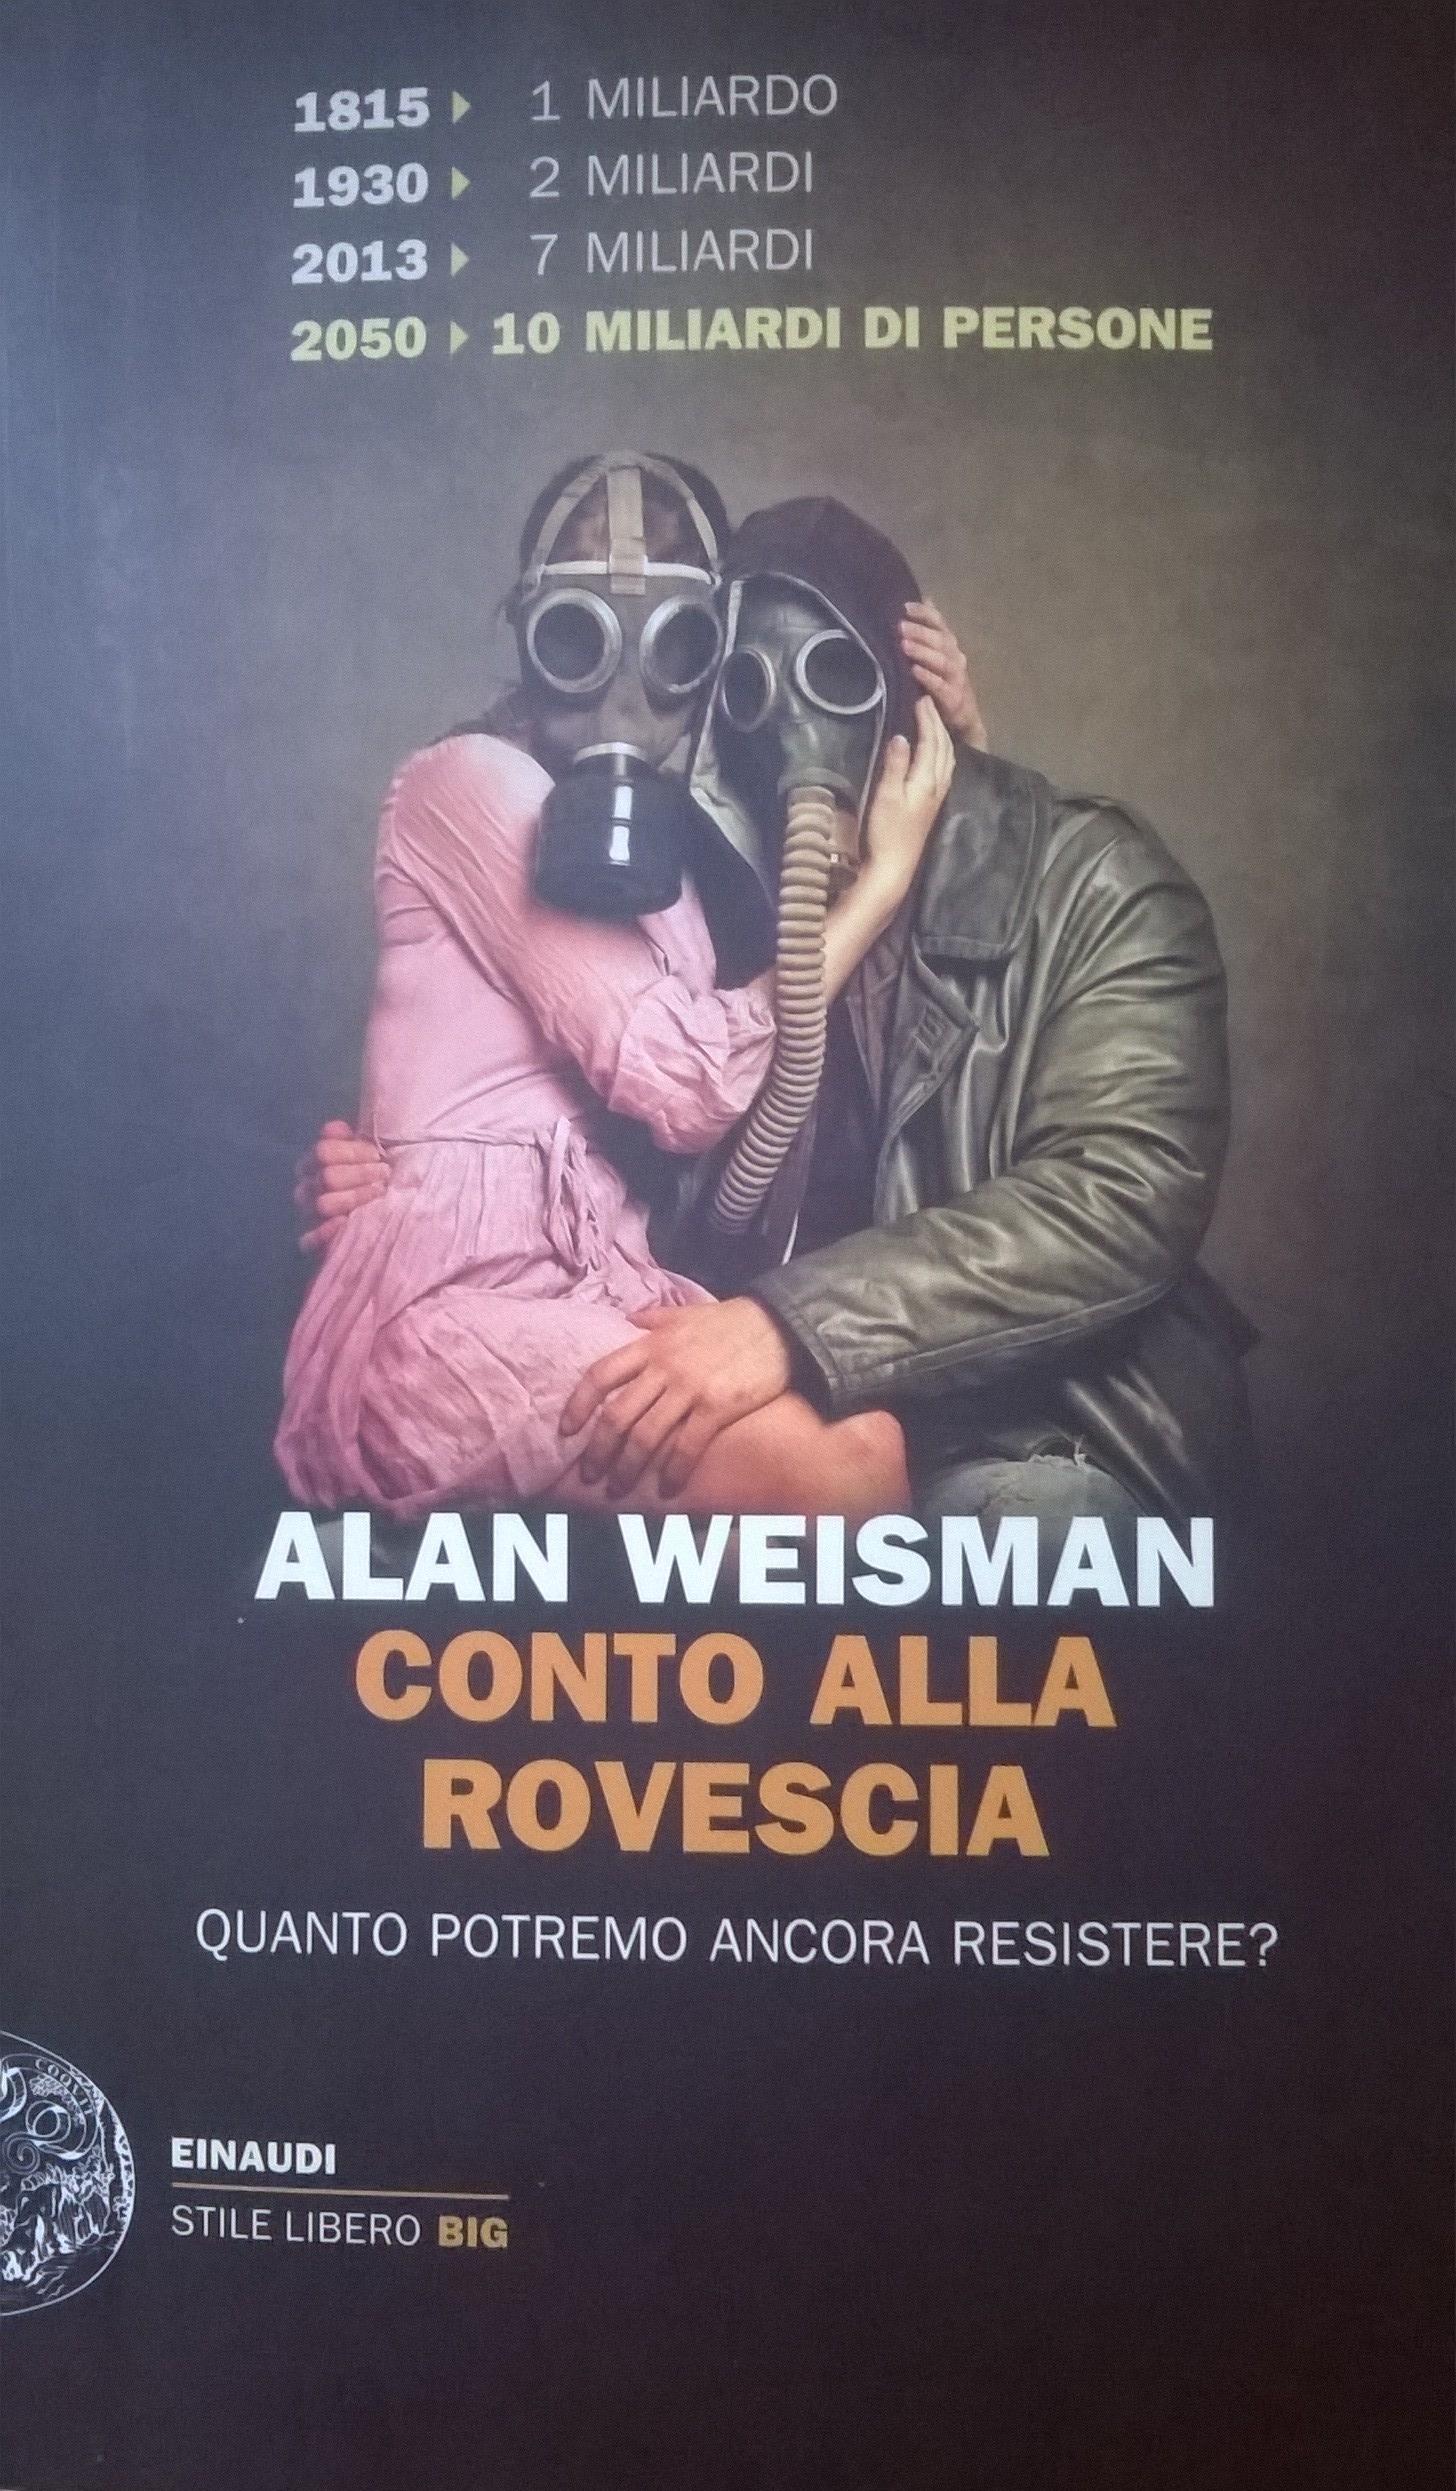 Alan Weisman, Conto alla rovescia, Einaudi